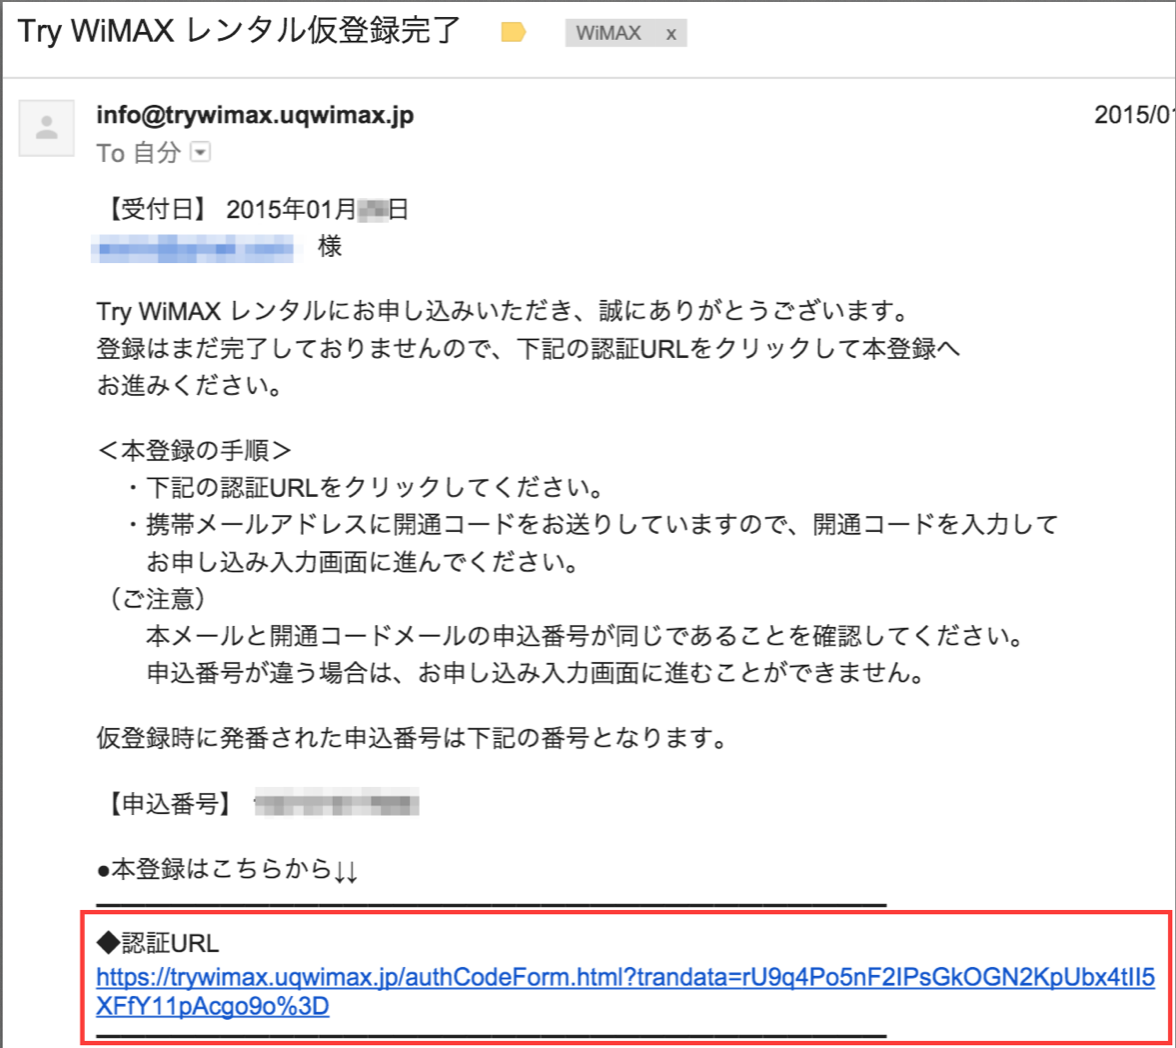 WiMAX お試し レンタル 認証URL